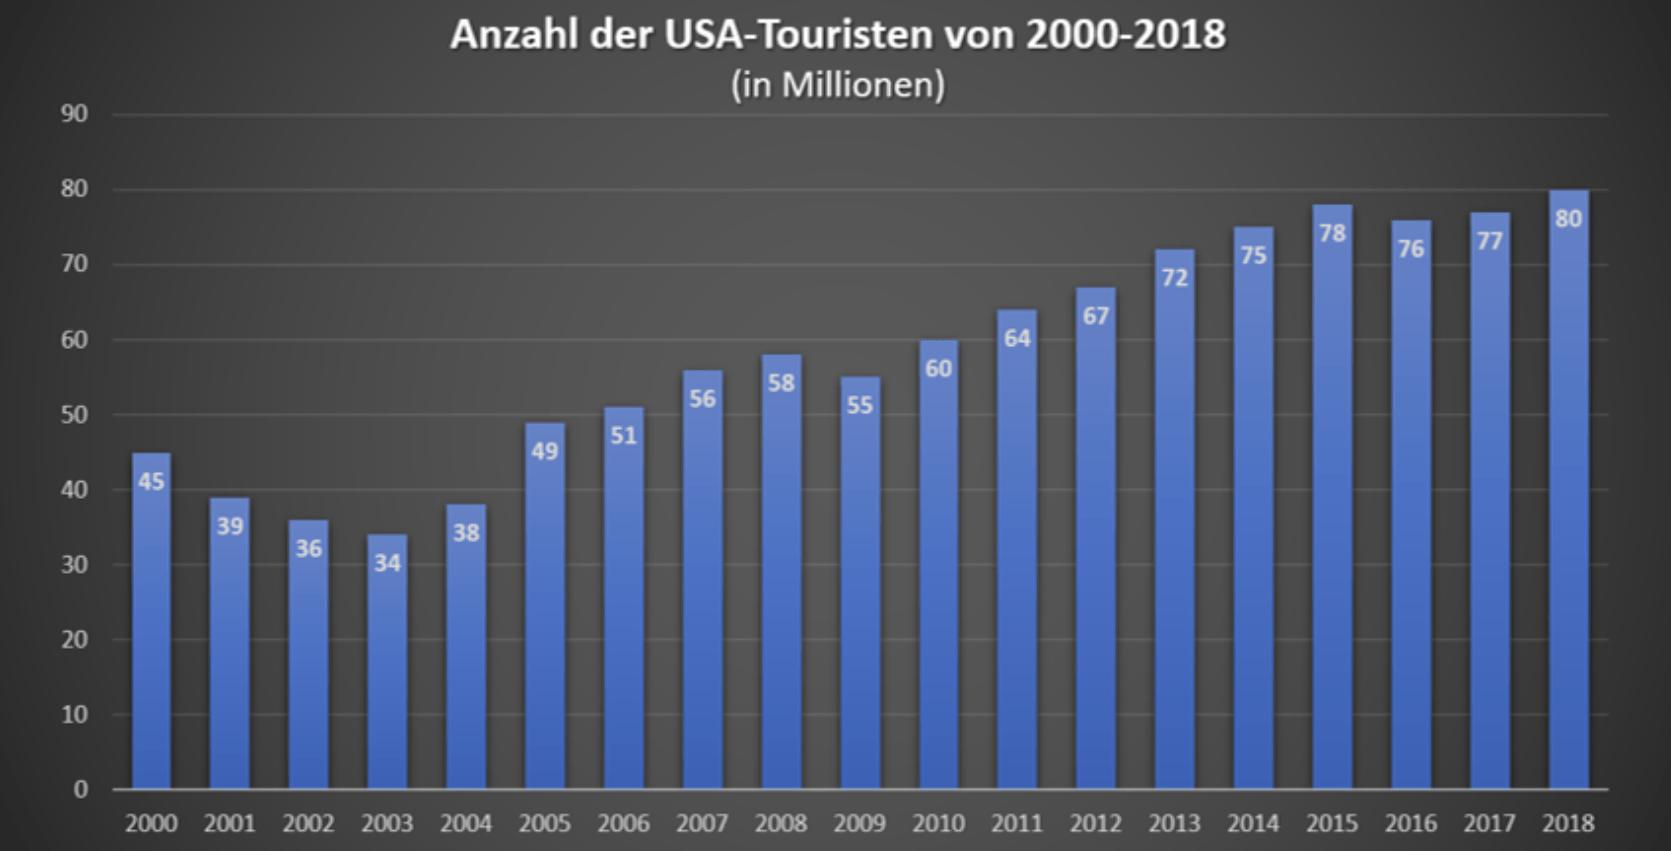 USA Touristen